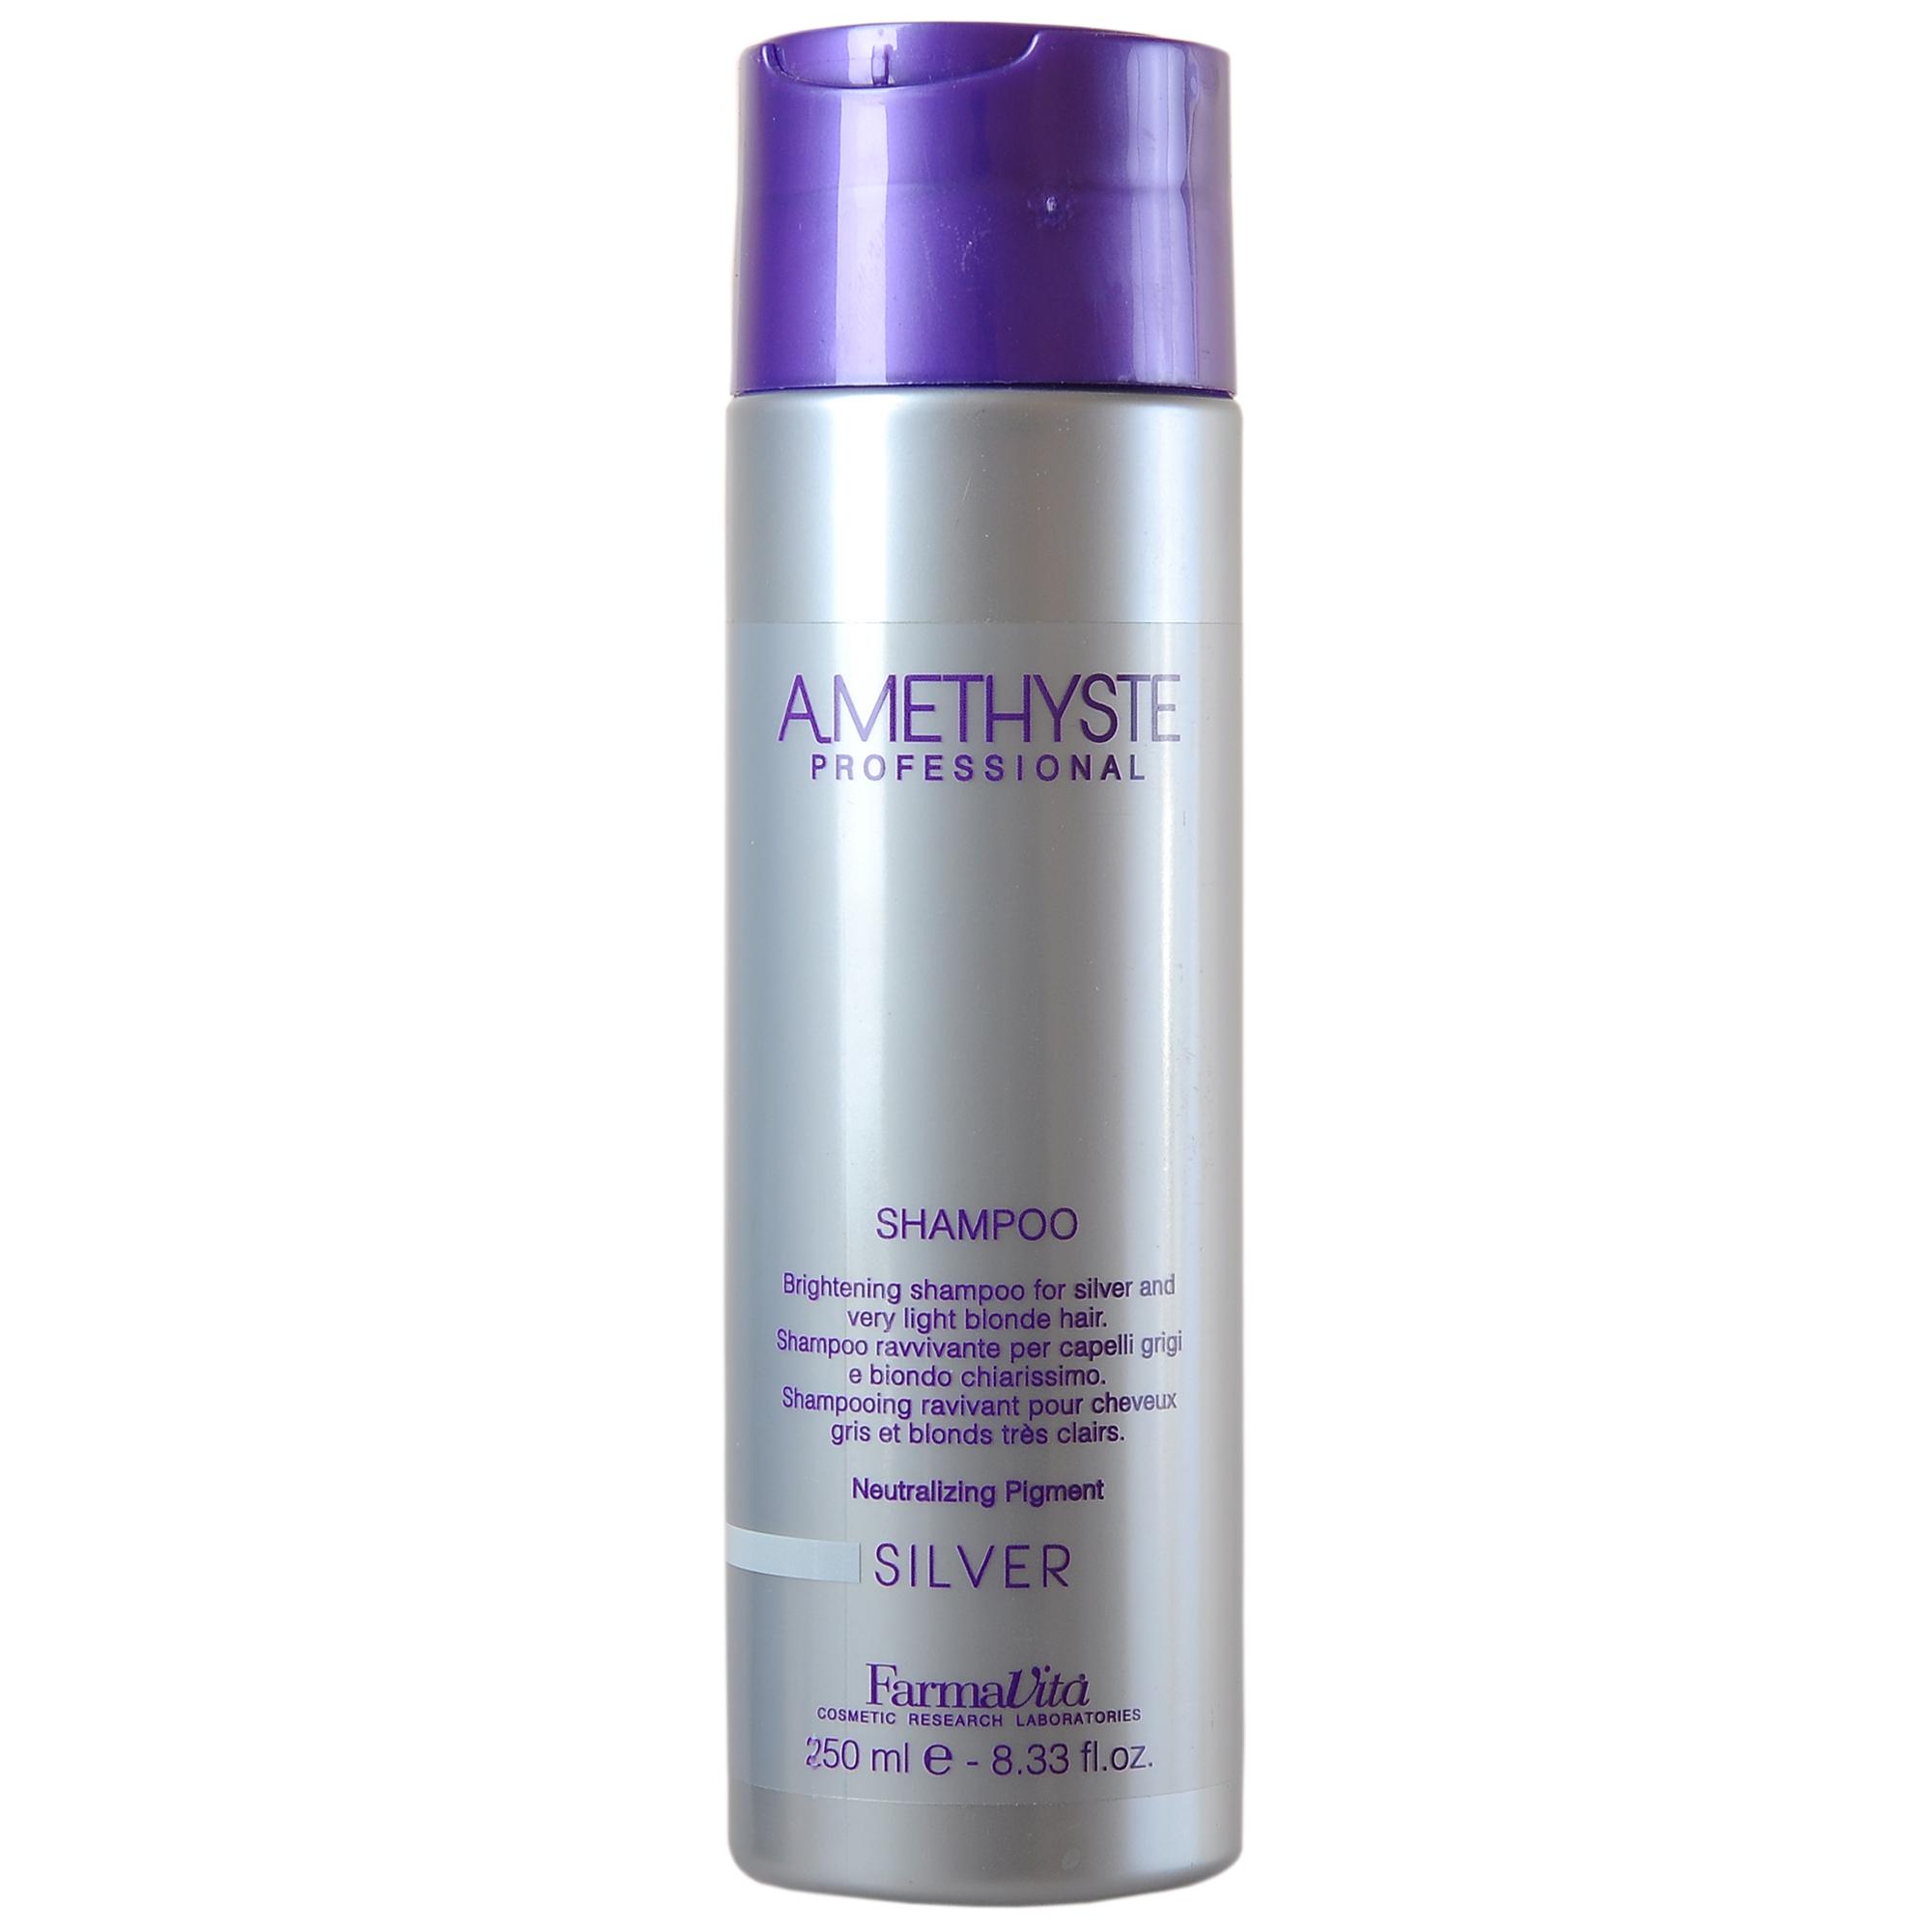 FARMAVITA Шампунь для светлых и седых волос Amethyste silver shampoo / AMETHYSTE PROFESSIONAL 250 мл